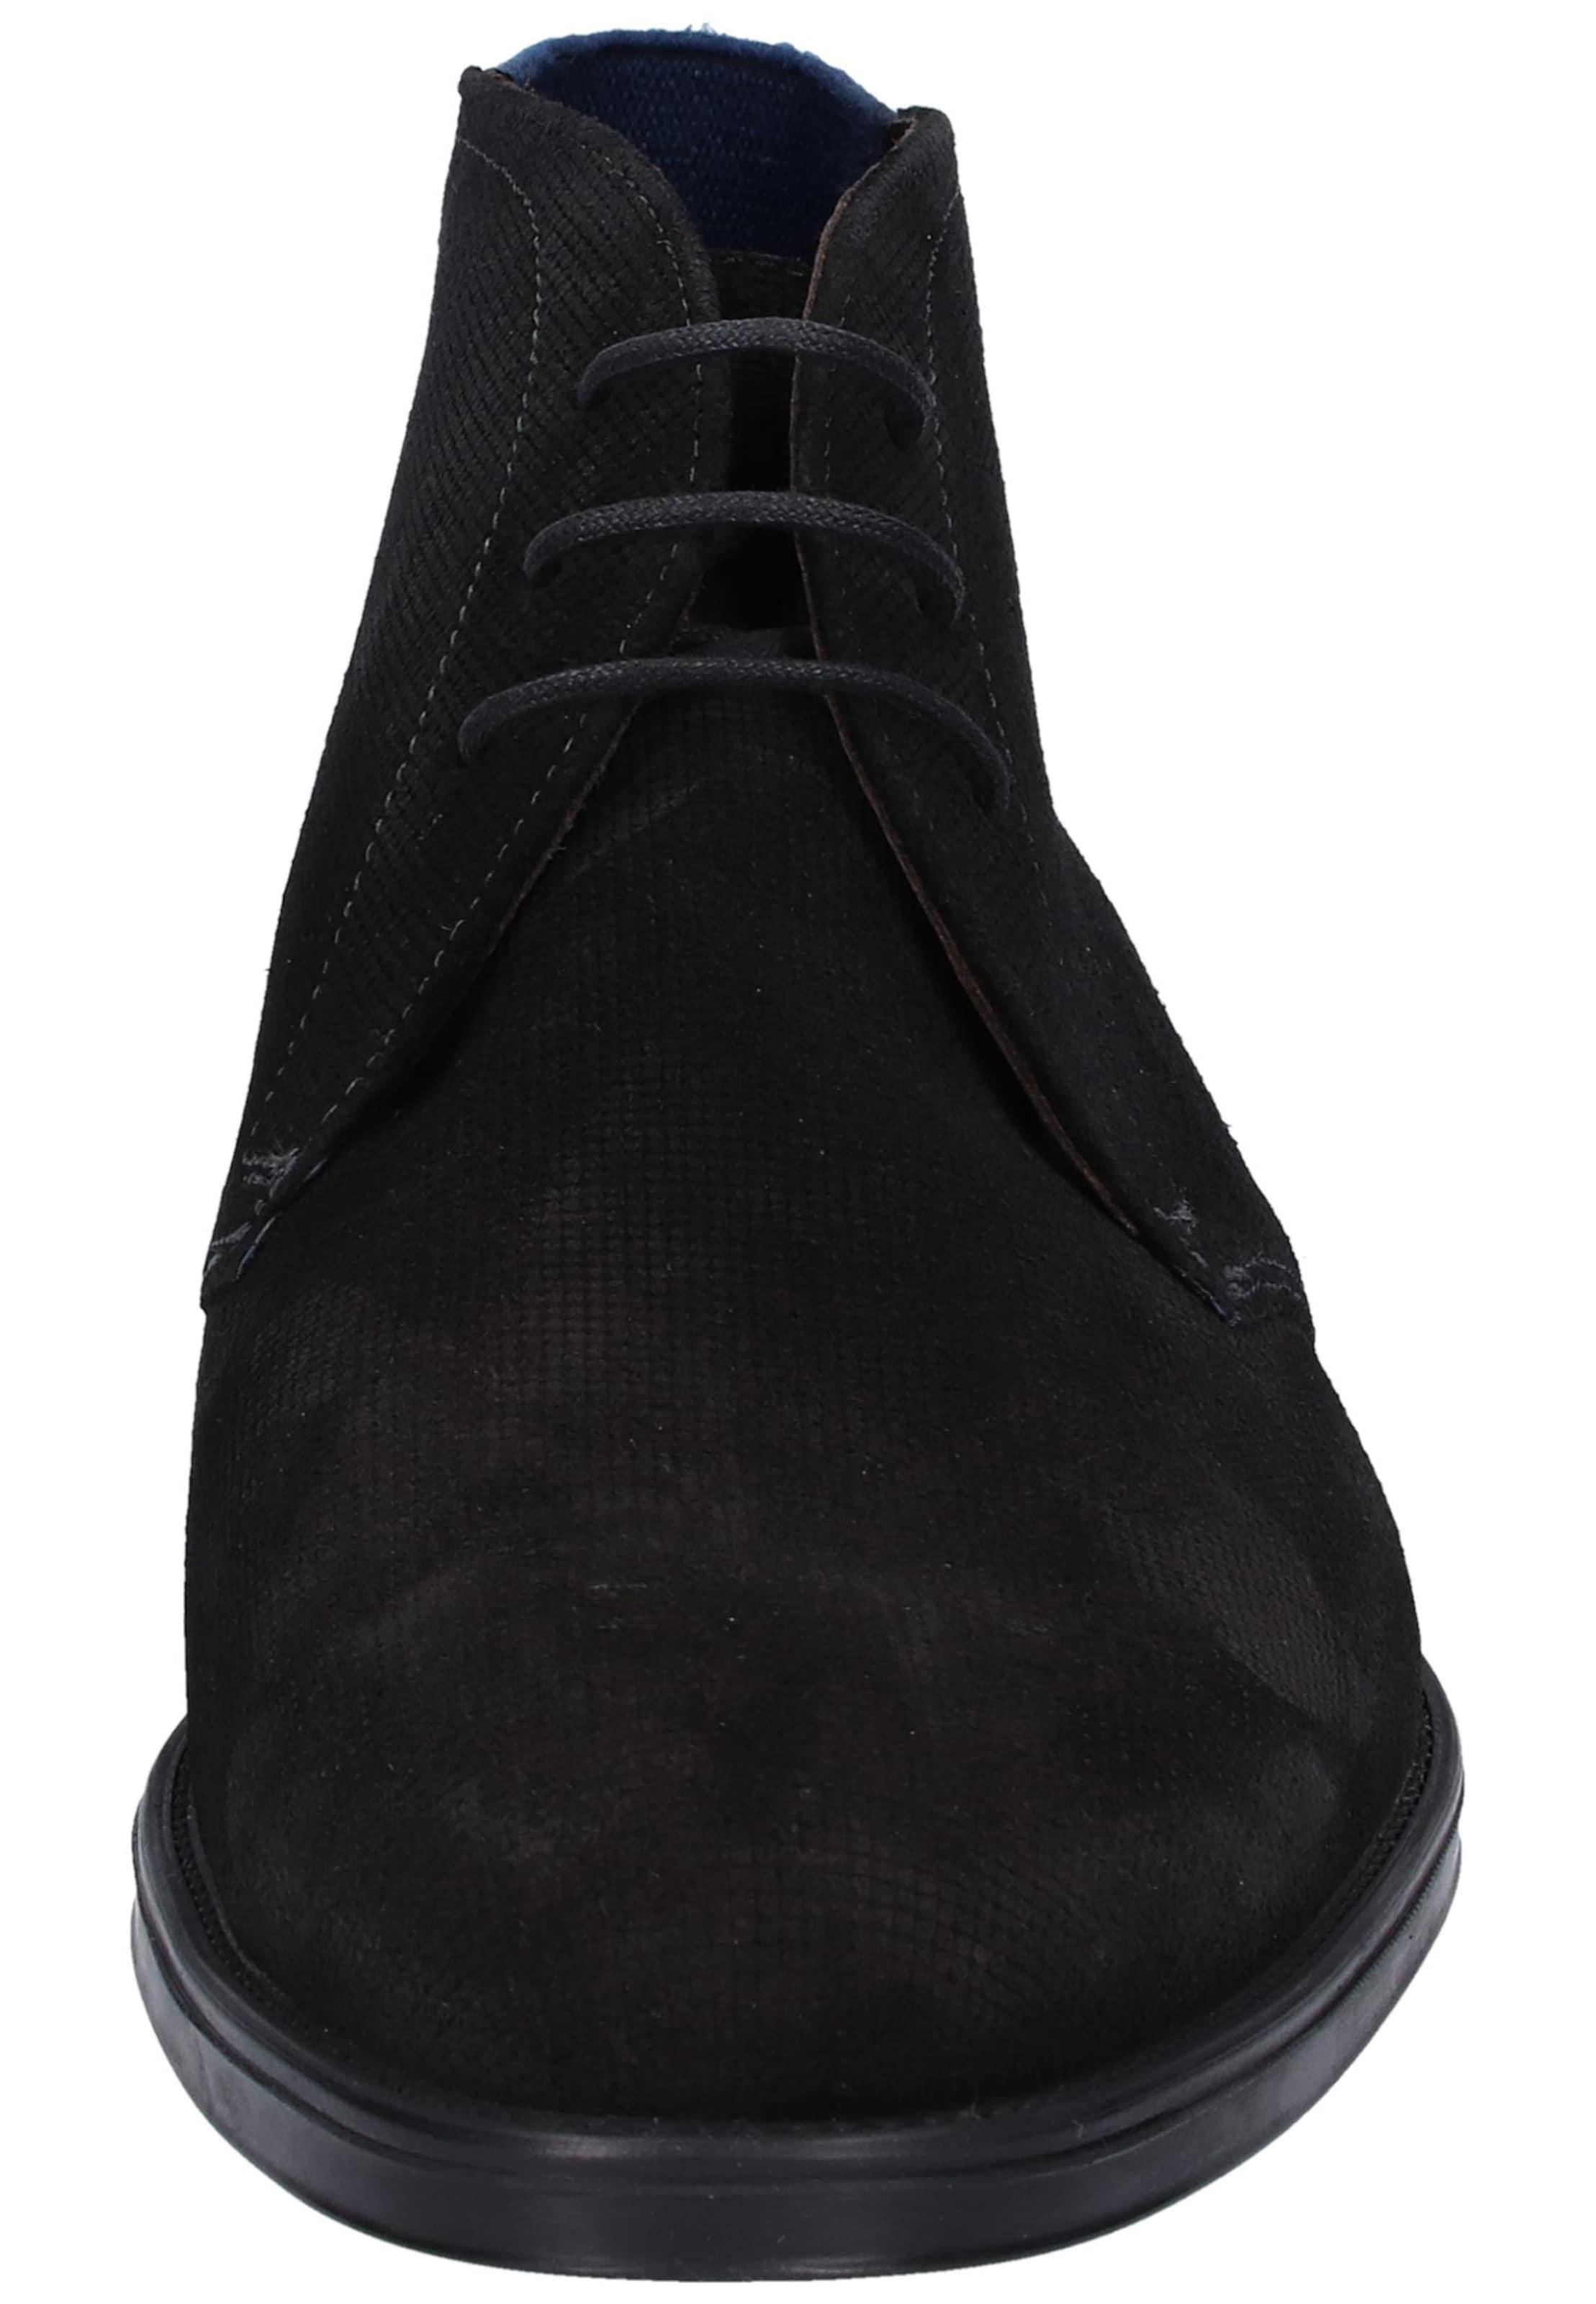 Lloyd Chukka Boots Boots Chukka En Lloyd En Noir Lloyd Noir TXuPZOki